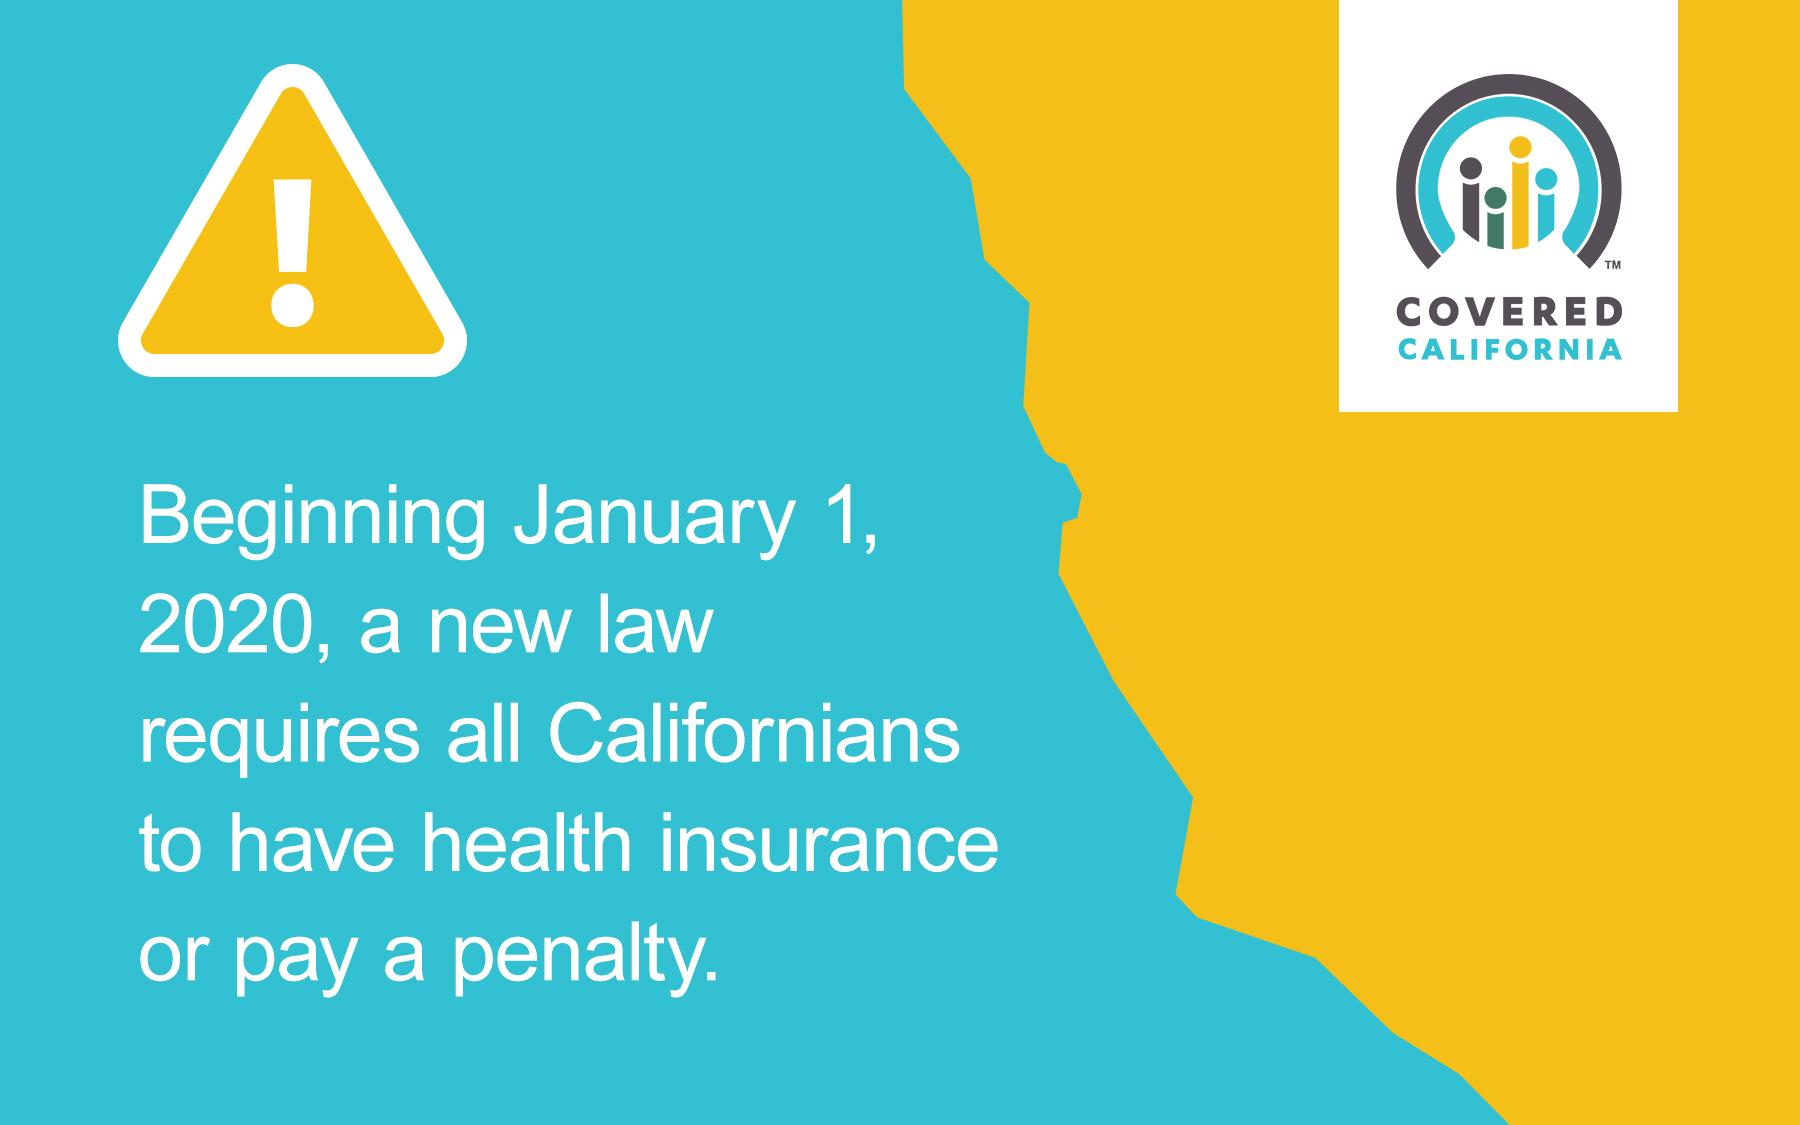 SPI Covered California health insurance law alert